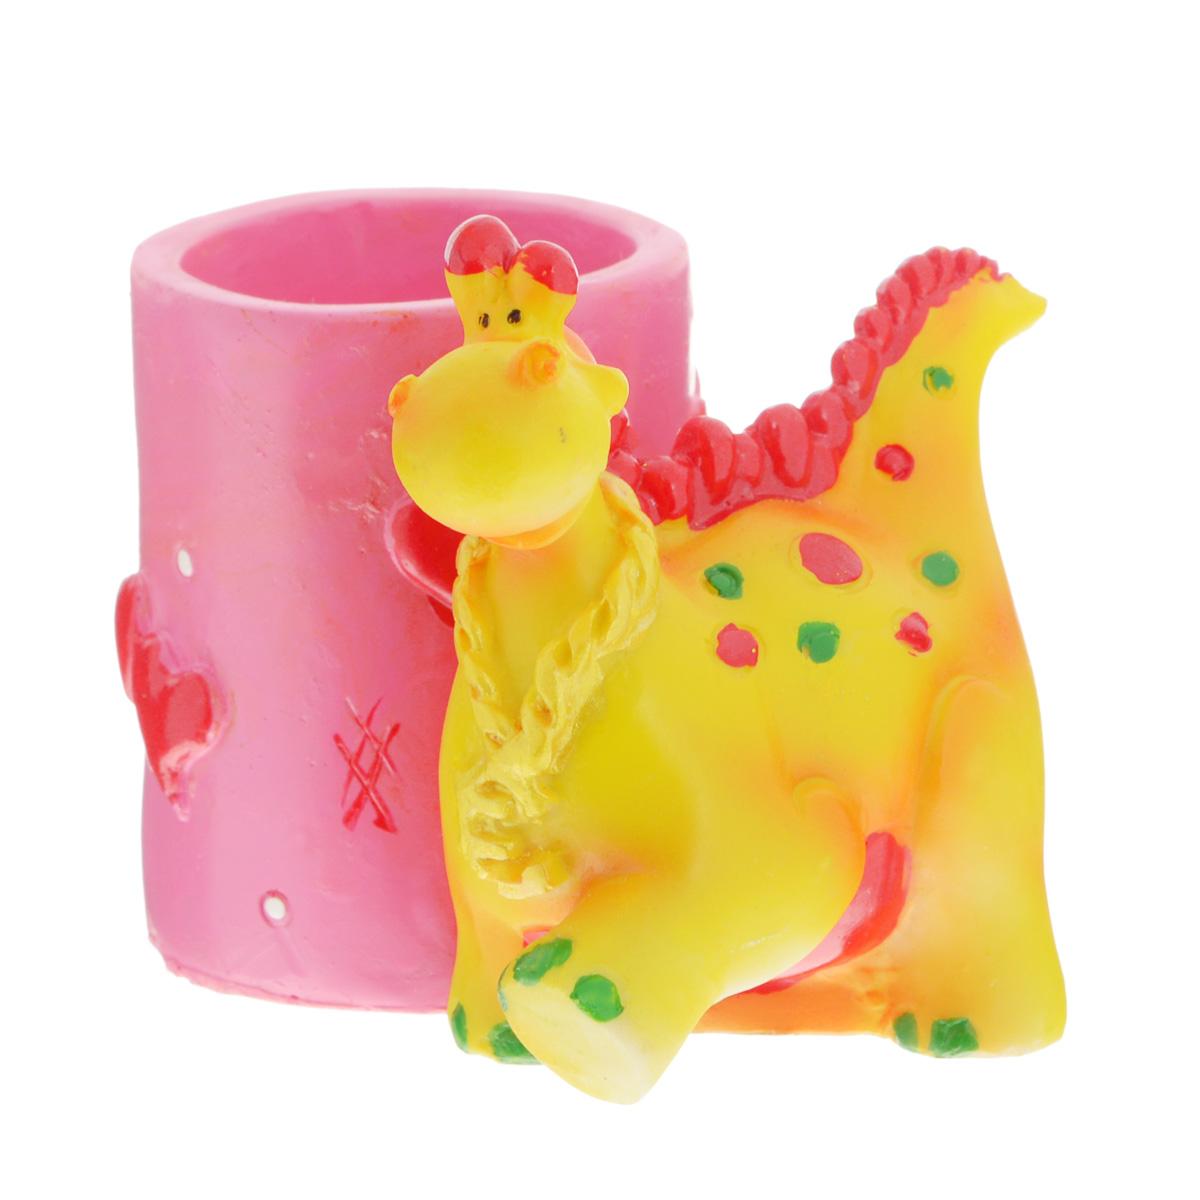 """Оригинальная подставка под ручки Lunten Ranta """"Пятнистый дракончик. Круг"""" выполнена из полирезины в виде композиции из забавного дракончика и стакана, декорированного сердечками. Такая подставка оригинально украсит стол и станет замечательным сувениром."""